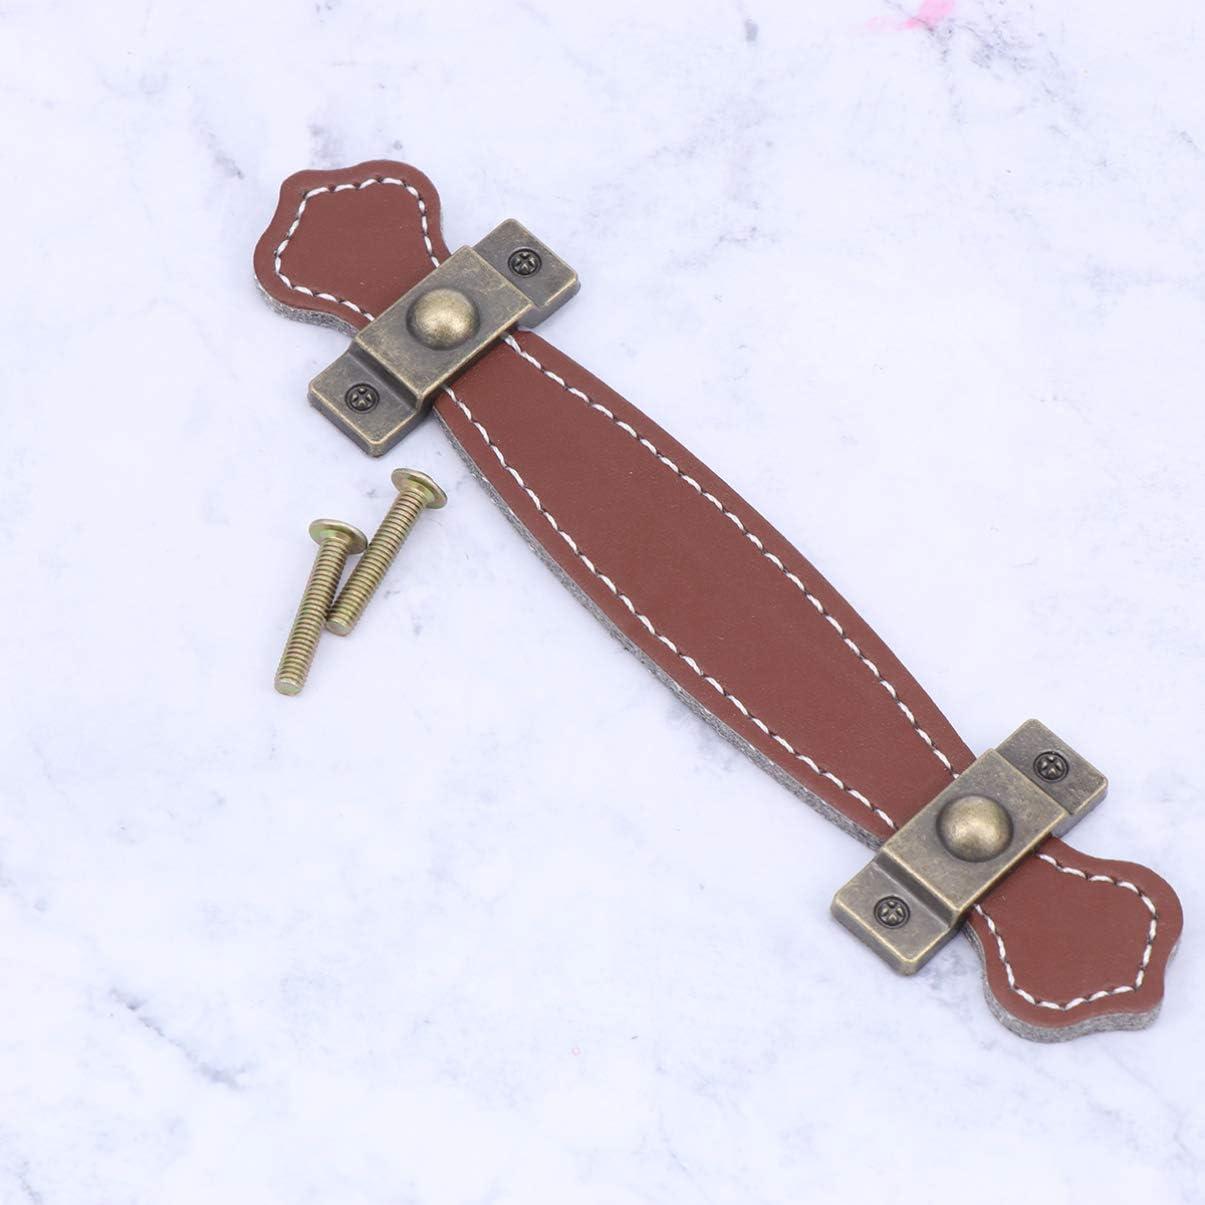 BESPORTBLE Vintage Leder Schublade Griff Schrank Schublade Ziehen Schrank Kn/öpfe Ziehen mit Schraube f/ür Den T/äglichen Gebrauch K/üche nach Hause